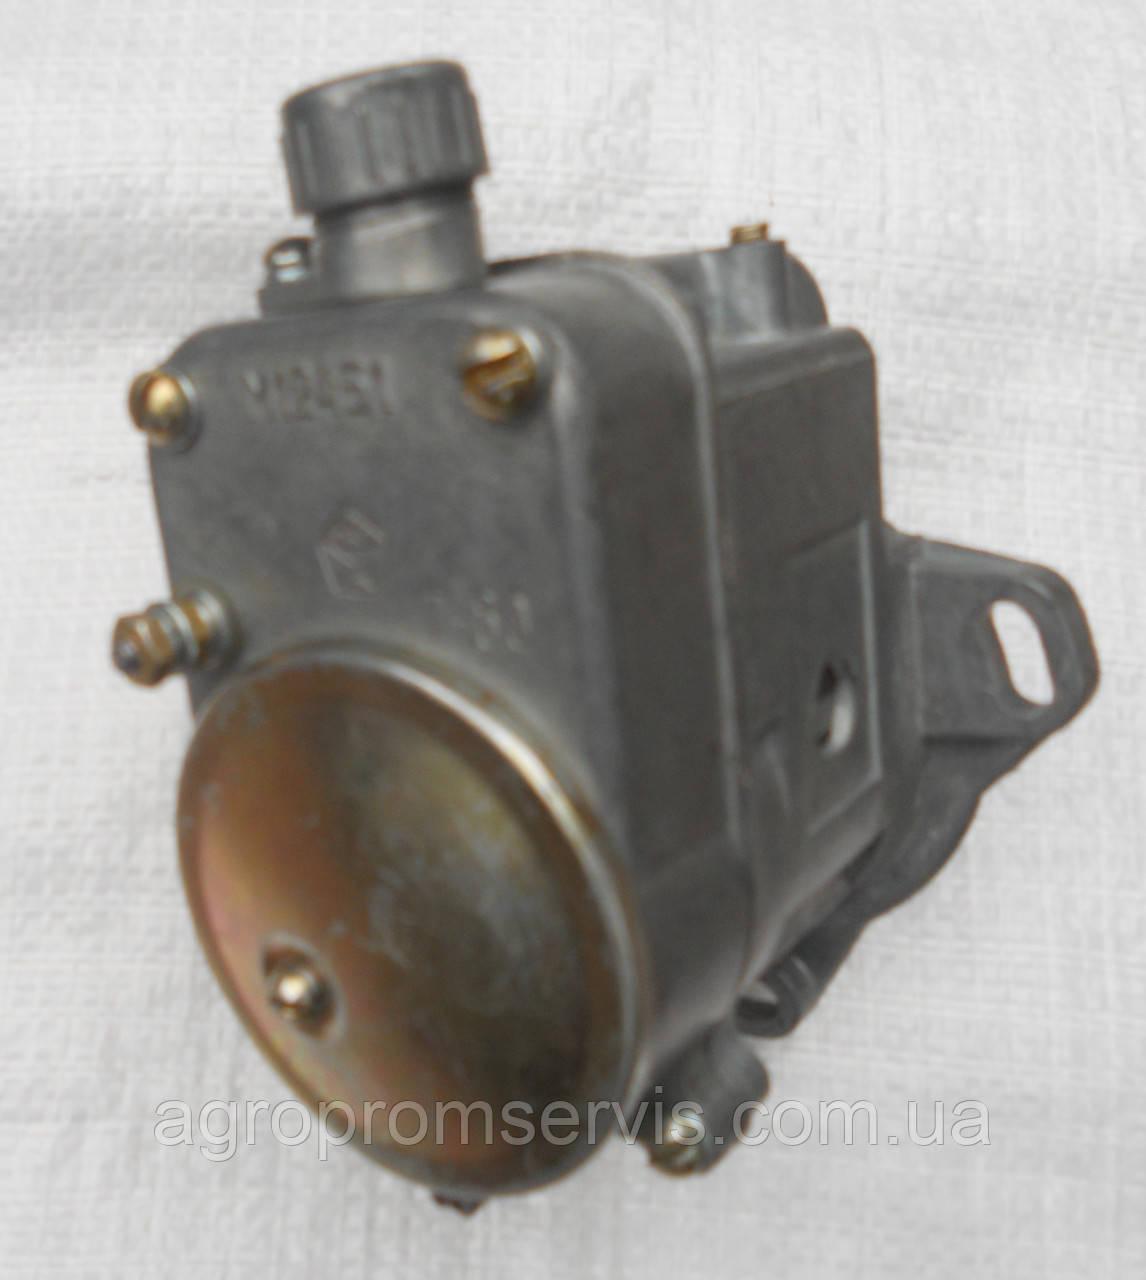 Магнето МТЗ,ЮМЗ двигателя ПД-10 ( М124Б1-3728000)  (реставрация)